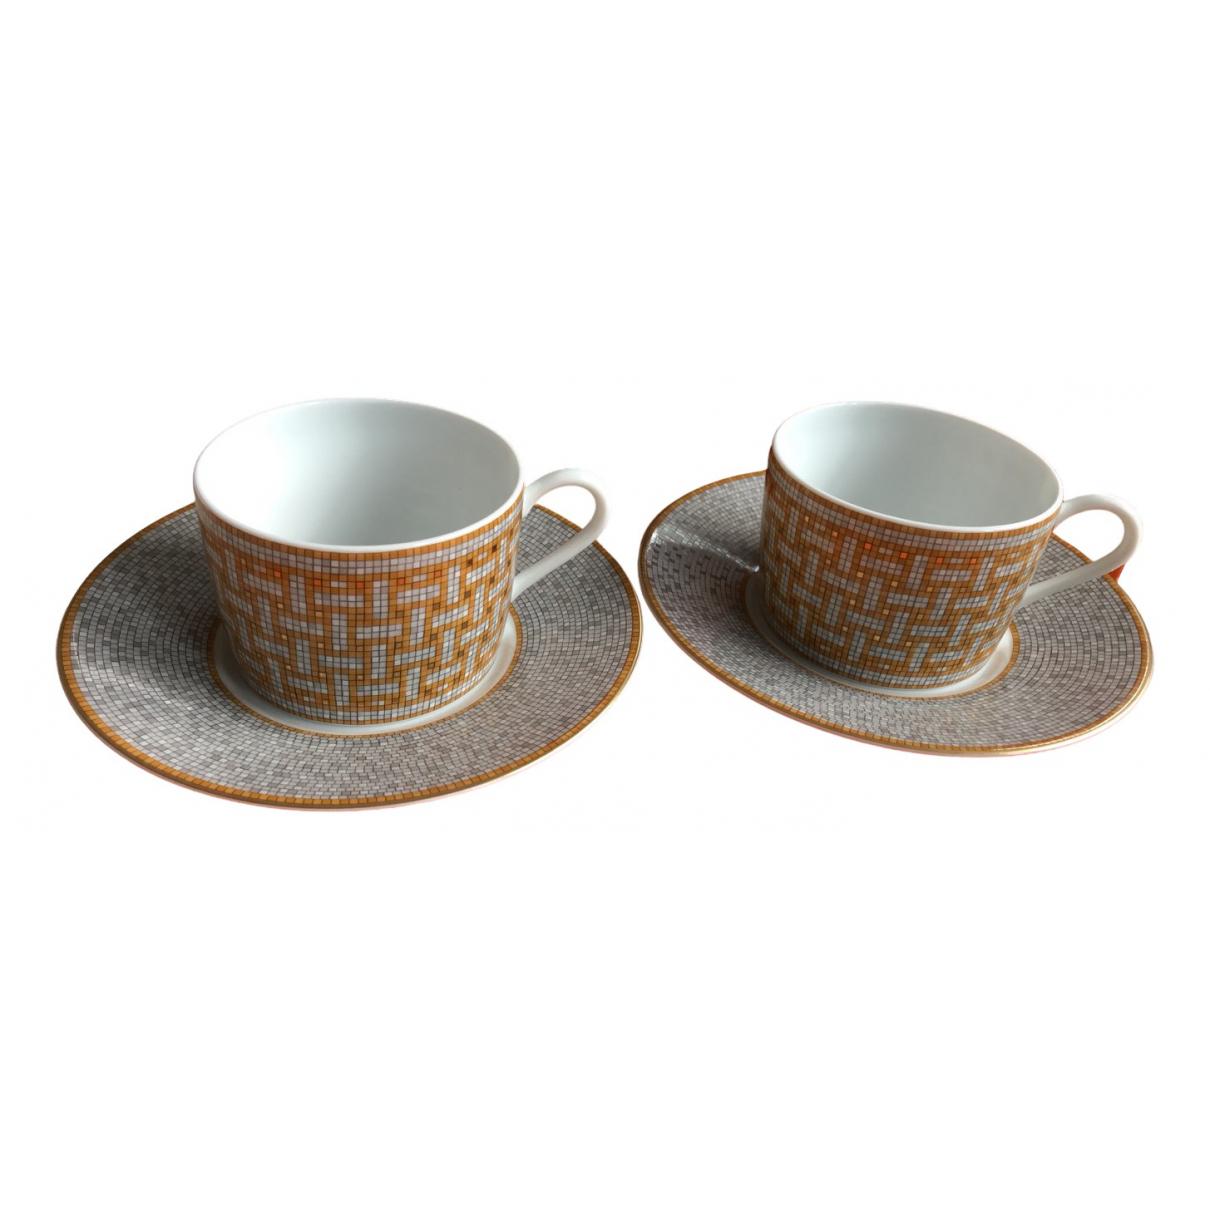 Juego de te/cafe Mosaique au 24 de Platino Hermes